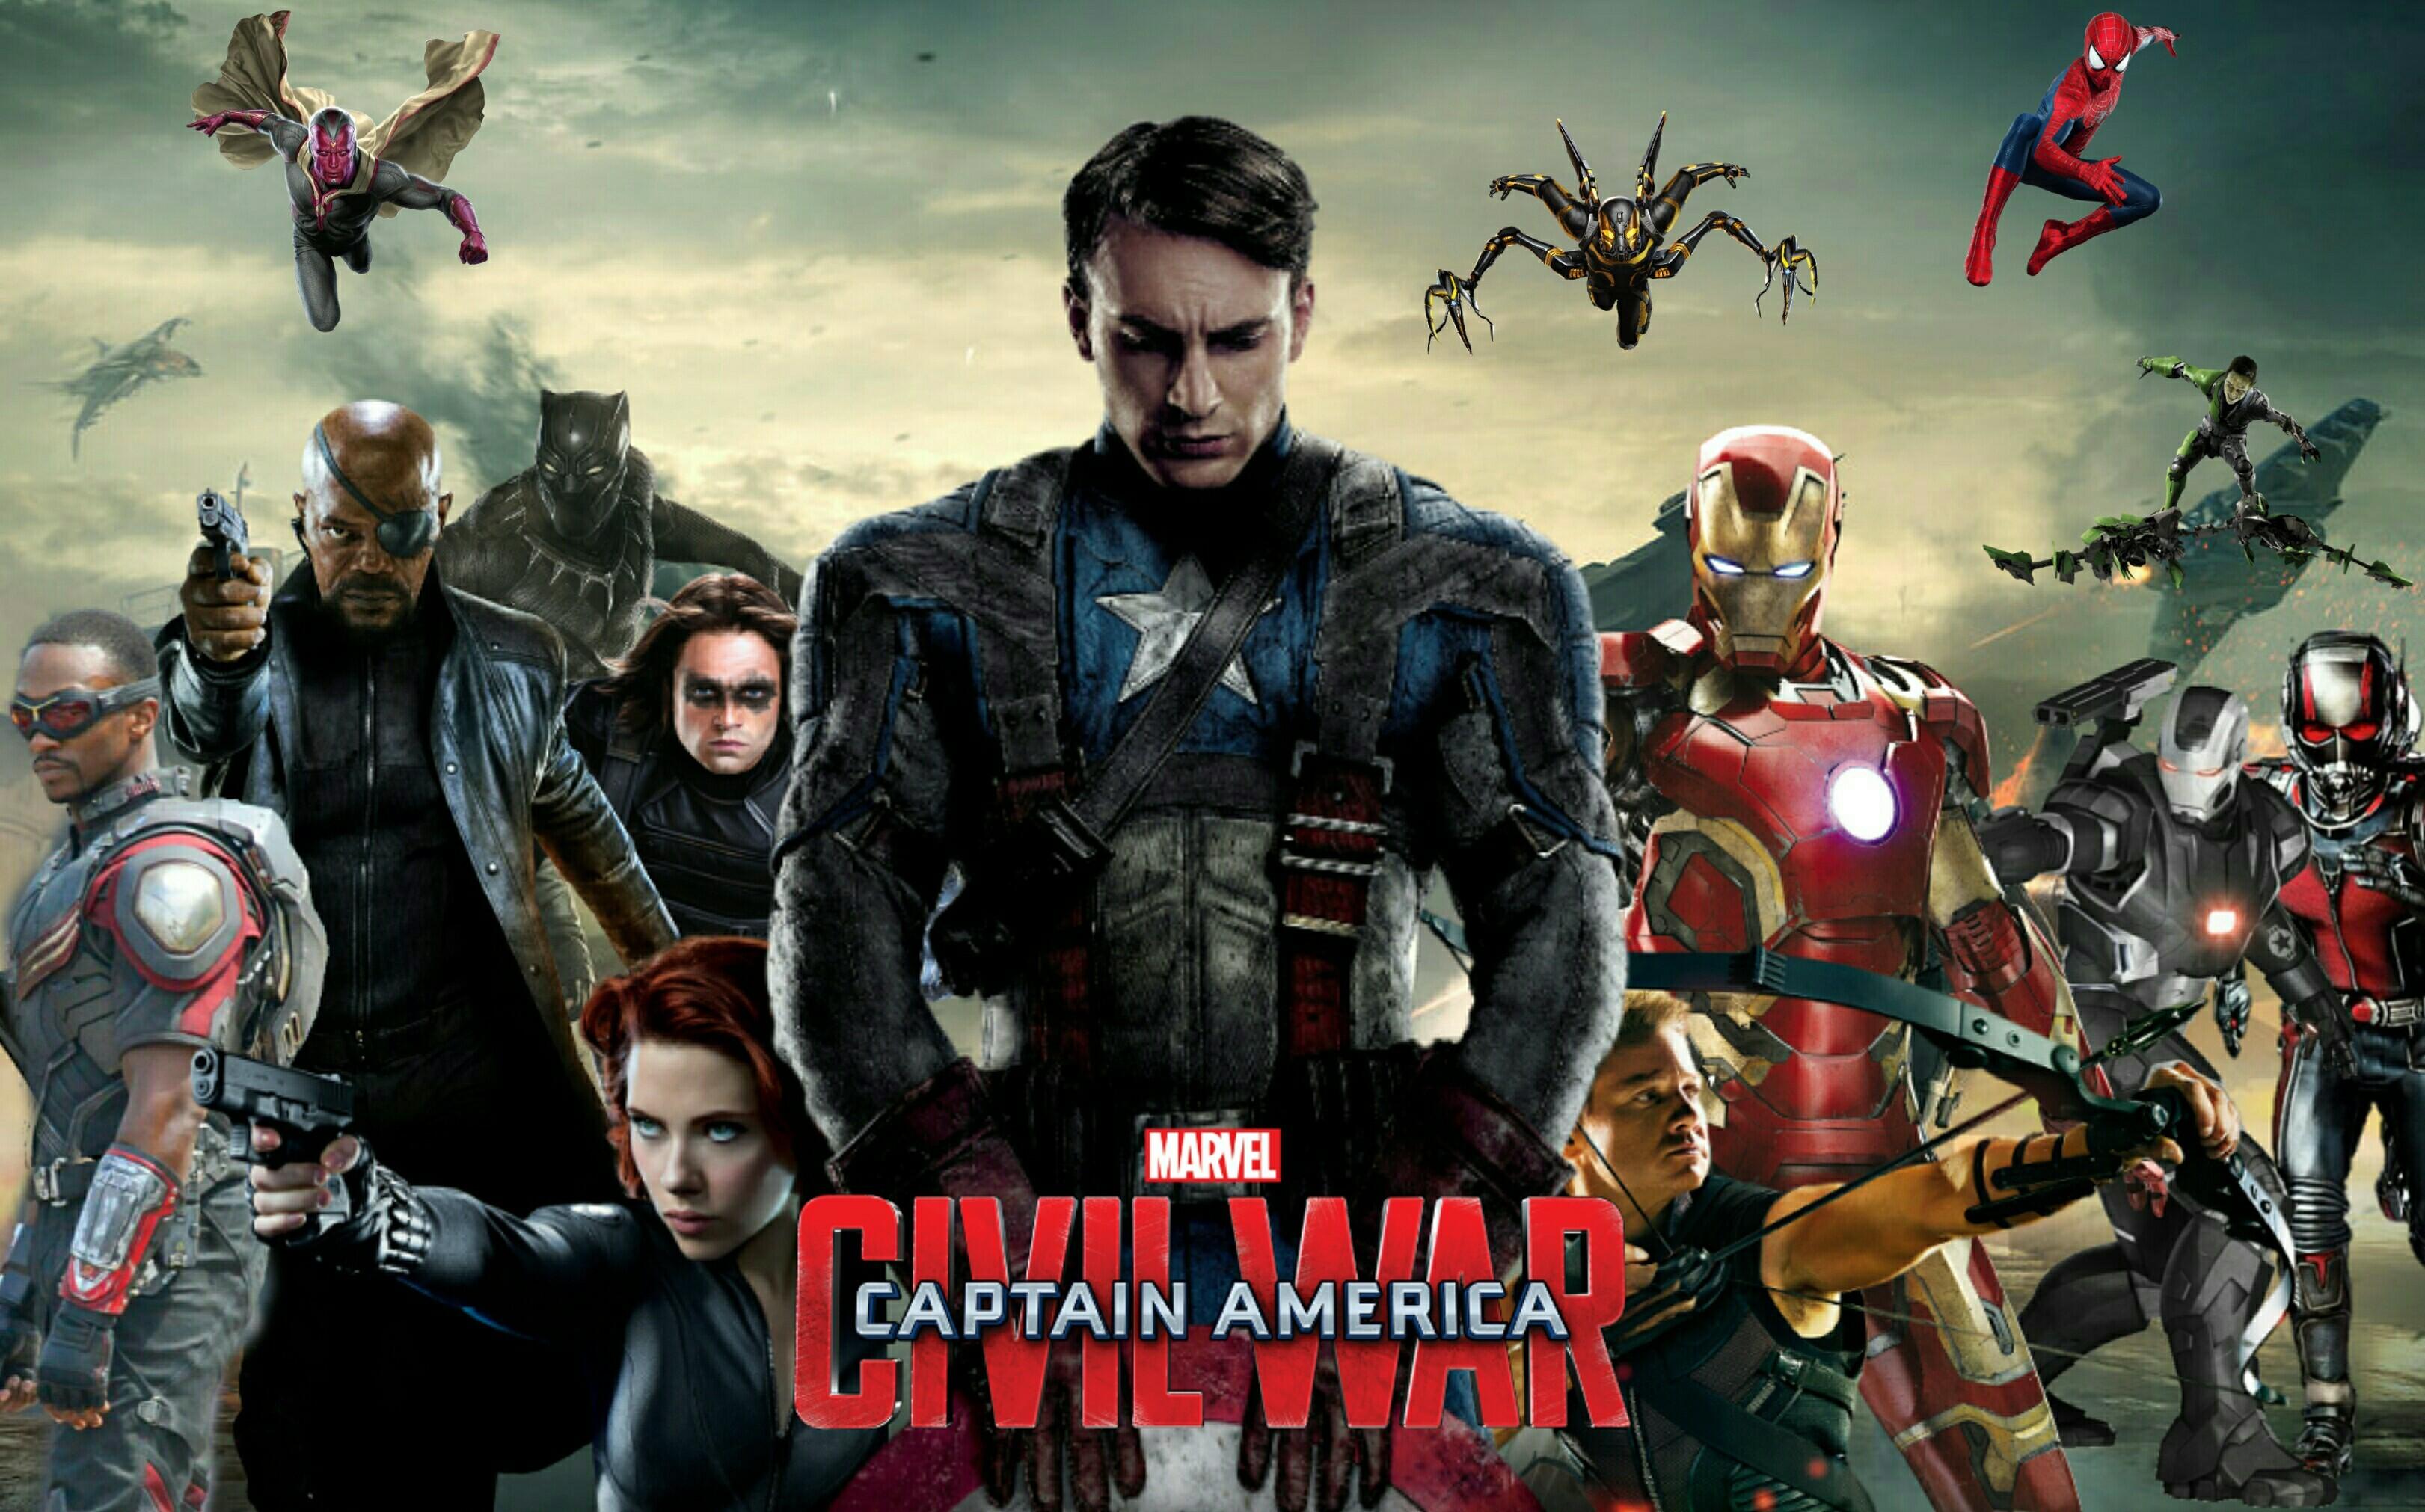 … captain america civil war official wallpaper wallpapersafari …